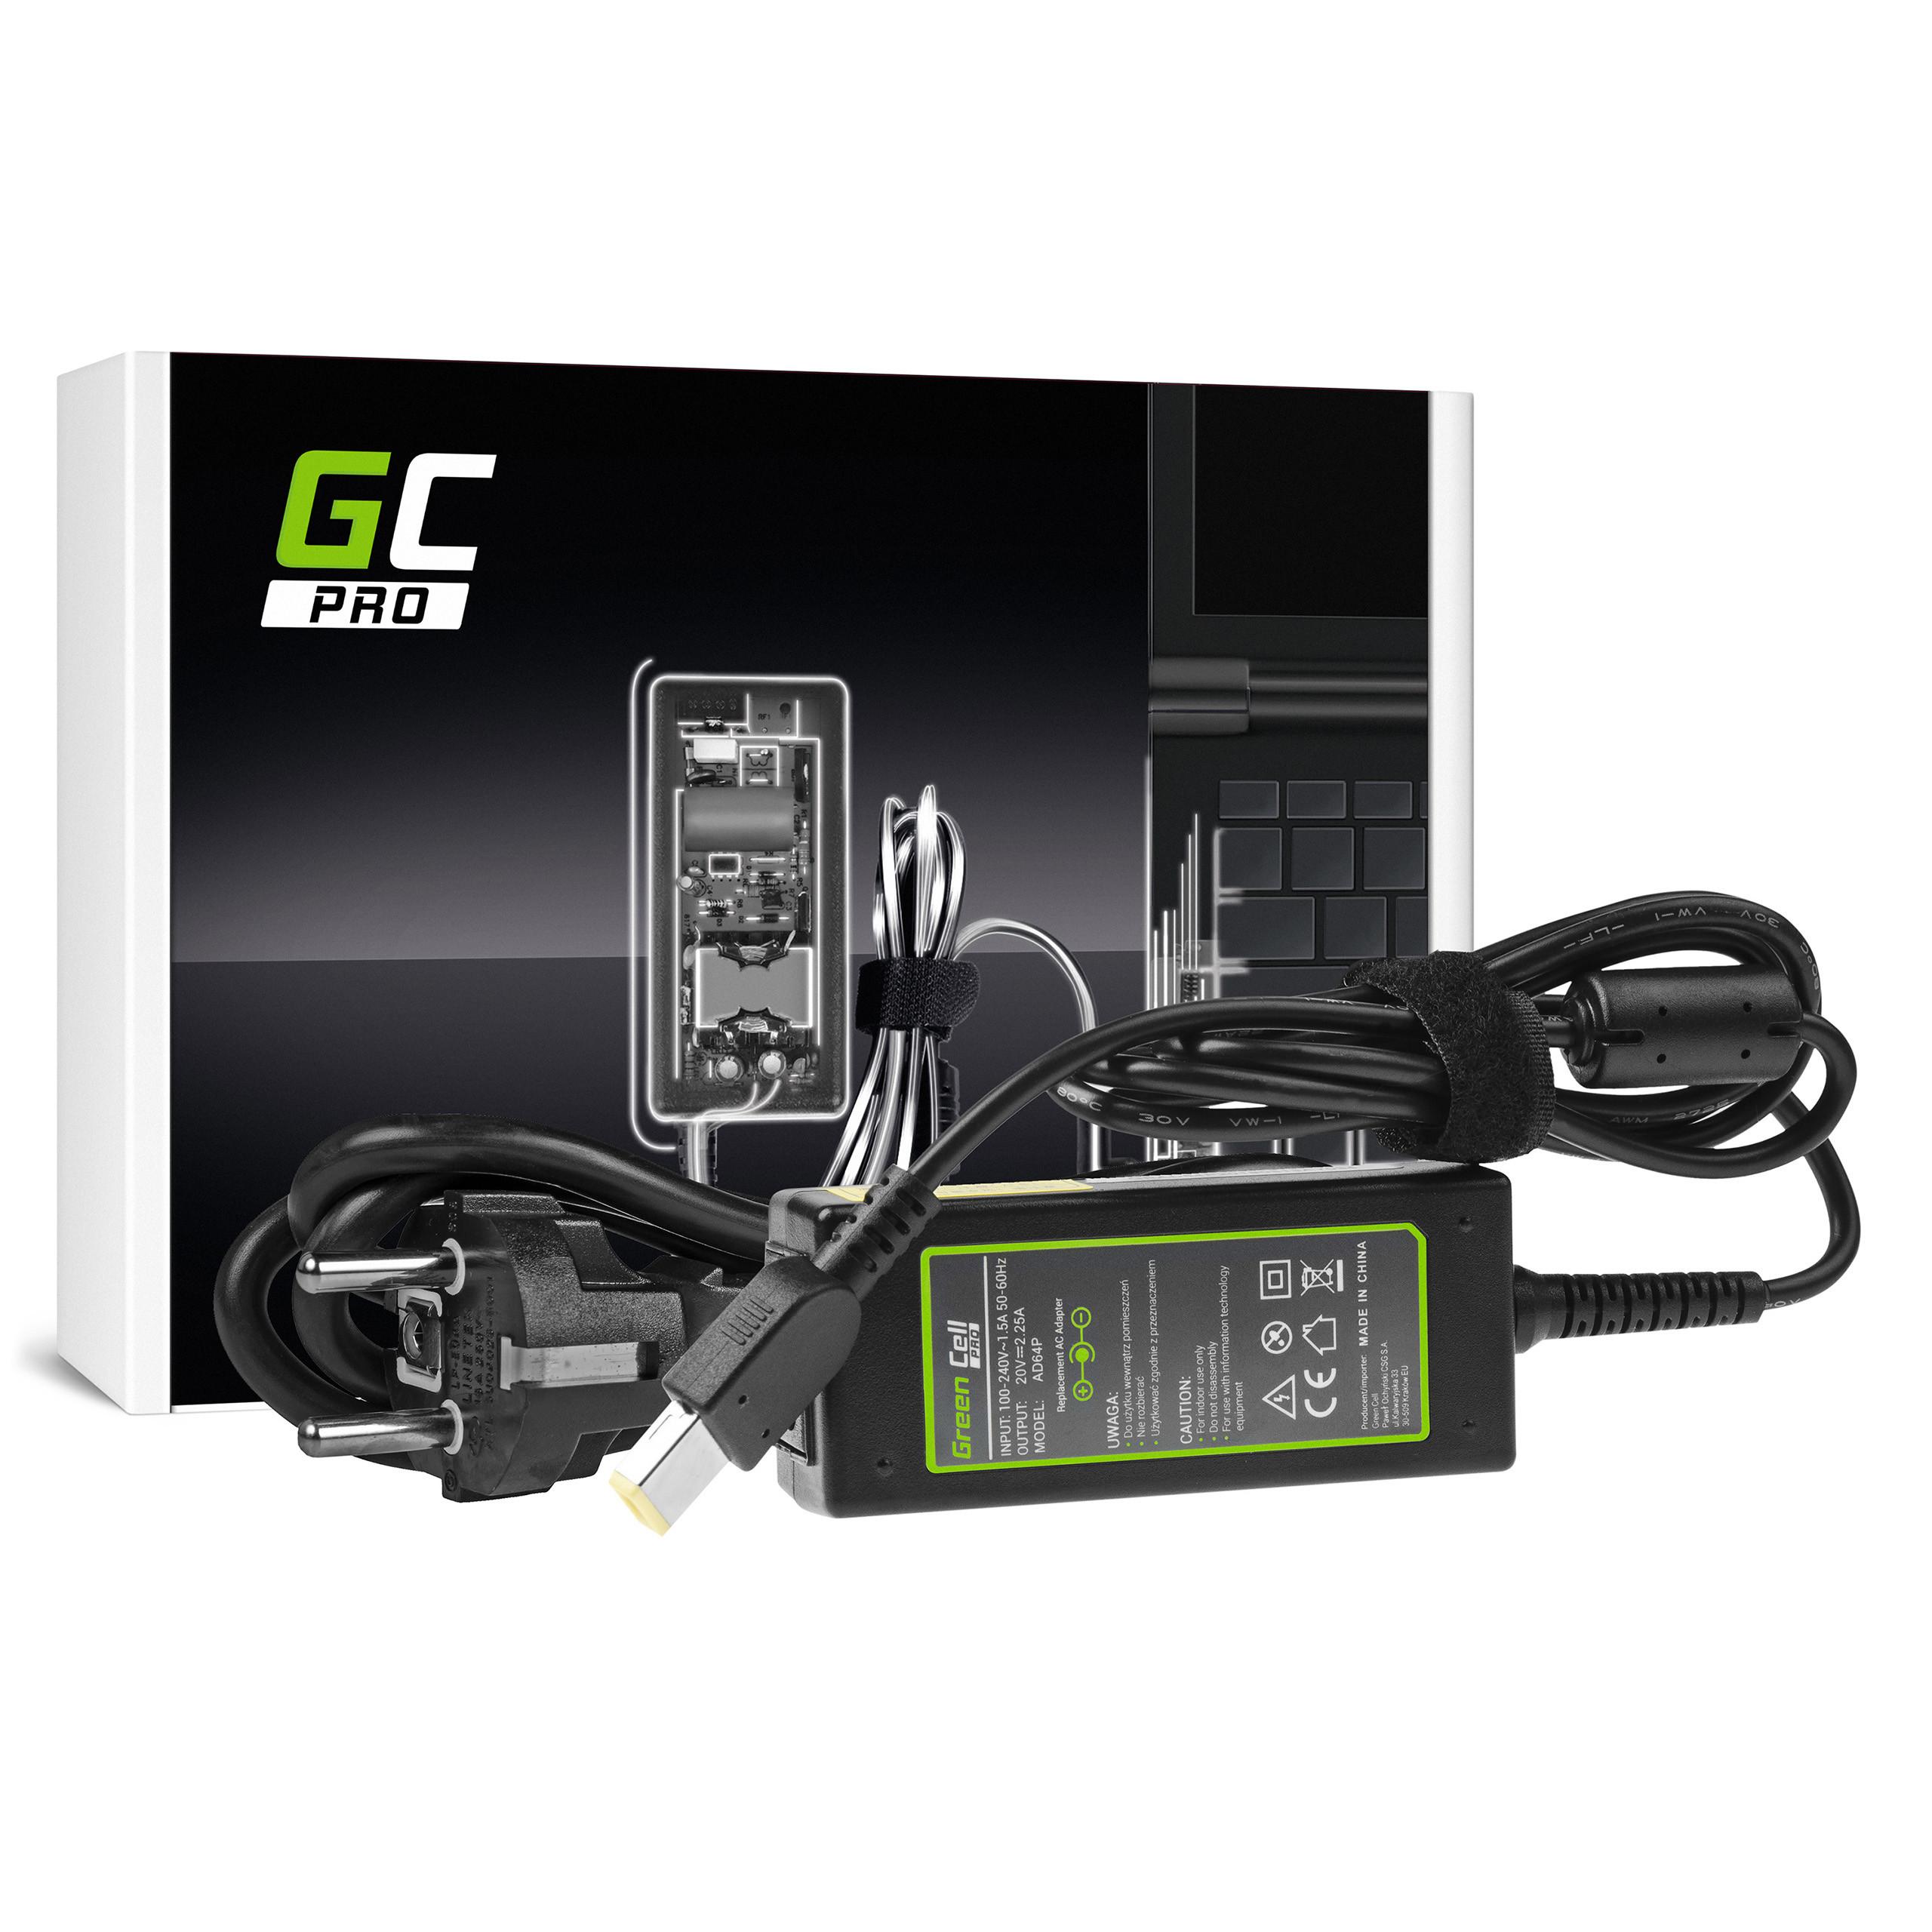 Zasilacz Ładowarka Green Cell PRO 20V 2.25A 45W do Lenovo G50-30 G50-70 G505 Z50-70 ThinkPad T440 T450 IdeaPad S210